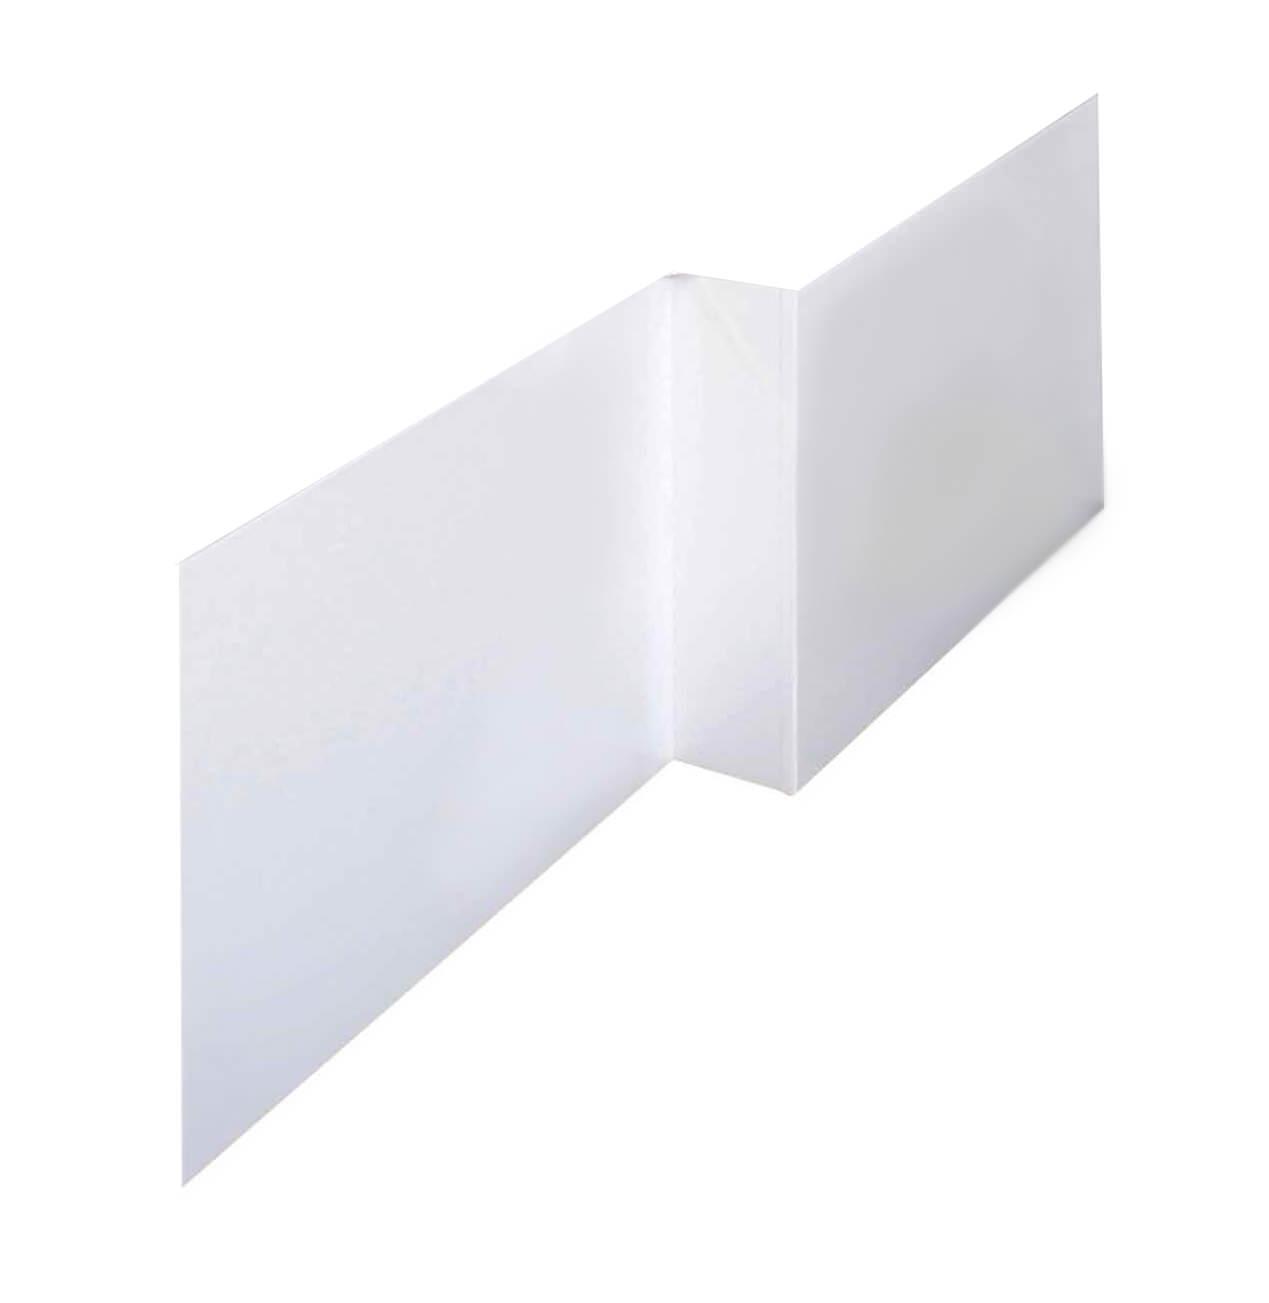 lauren 1700mm white offset mdf front bath panel nmp135. Black Bedroom Furniture Sets. Home Design Ideas